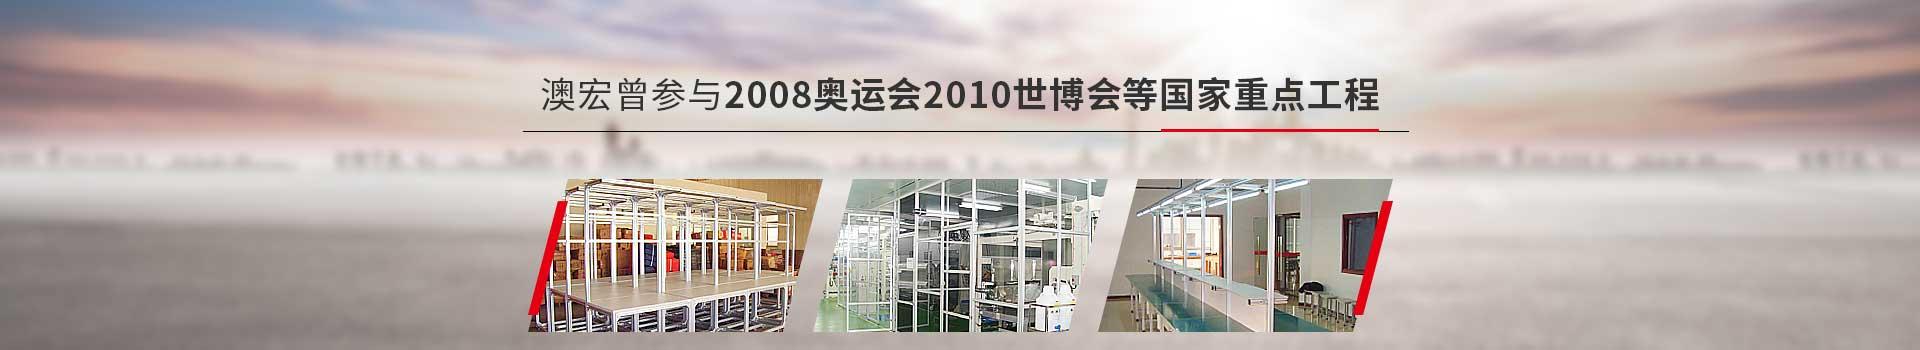 澳宏曾参与2008奥运会 2010世博会等国家重点工程